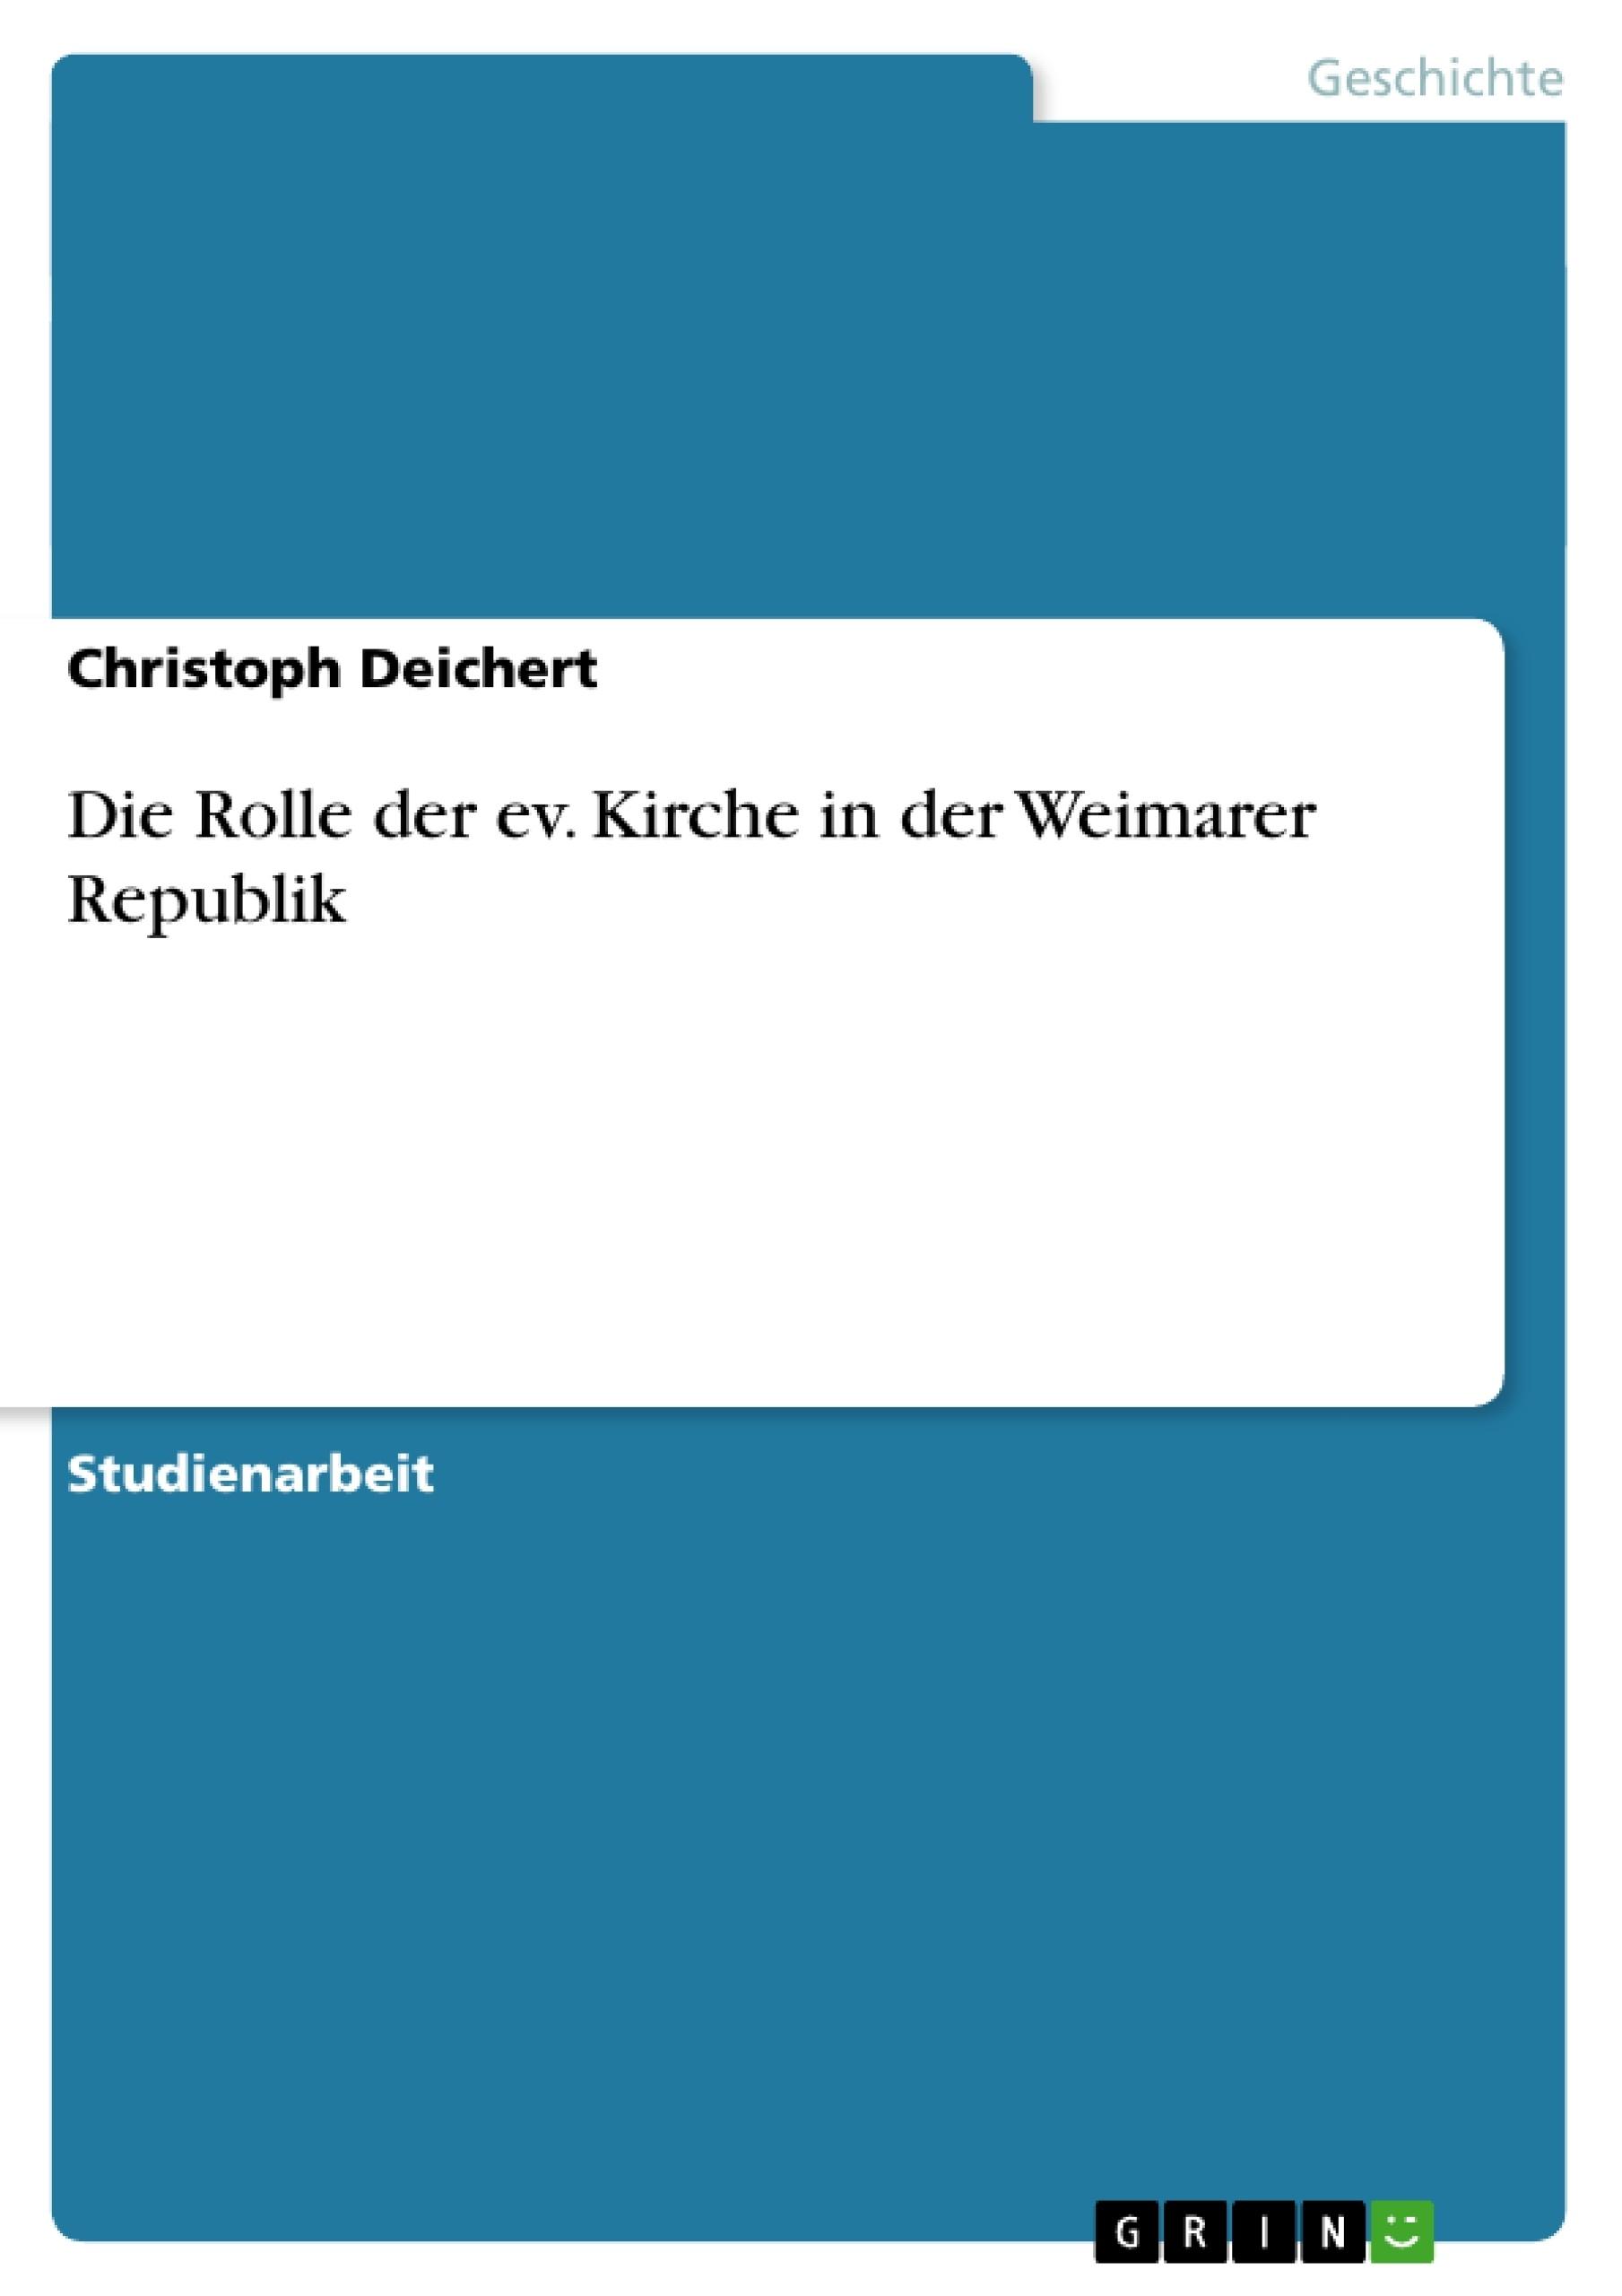 Titel: Die Rolle der evangelischen Kirche in der Weimarer Republik